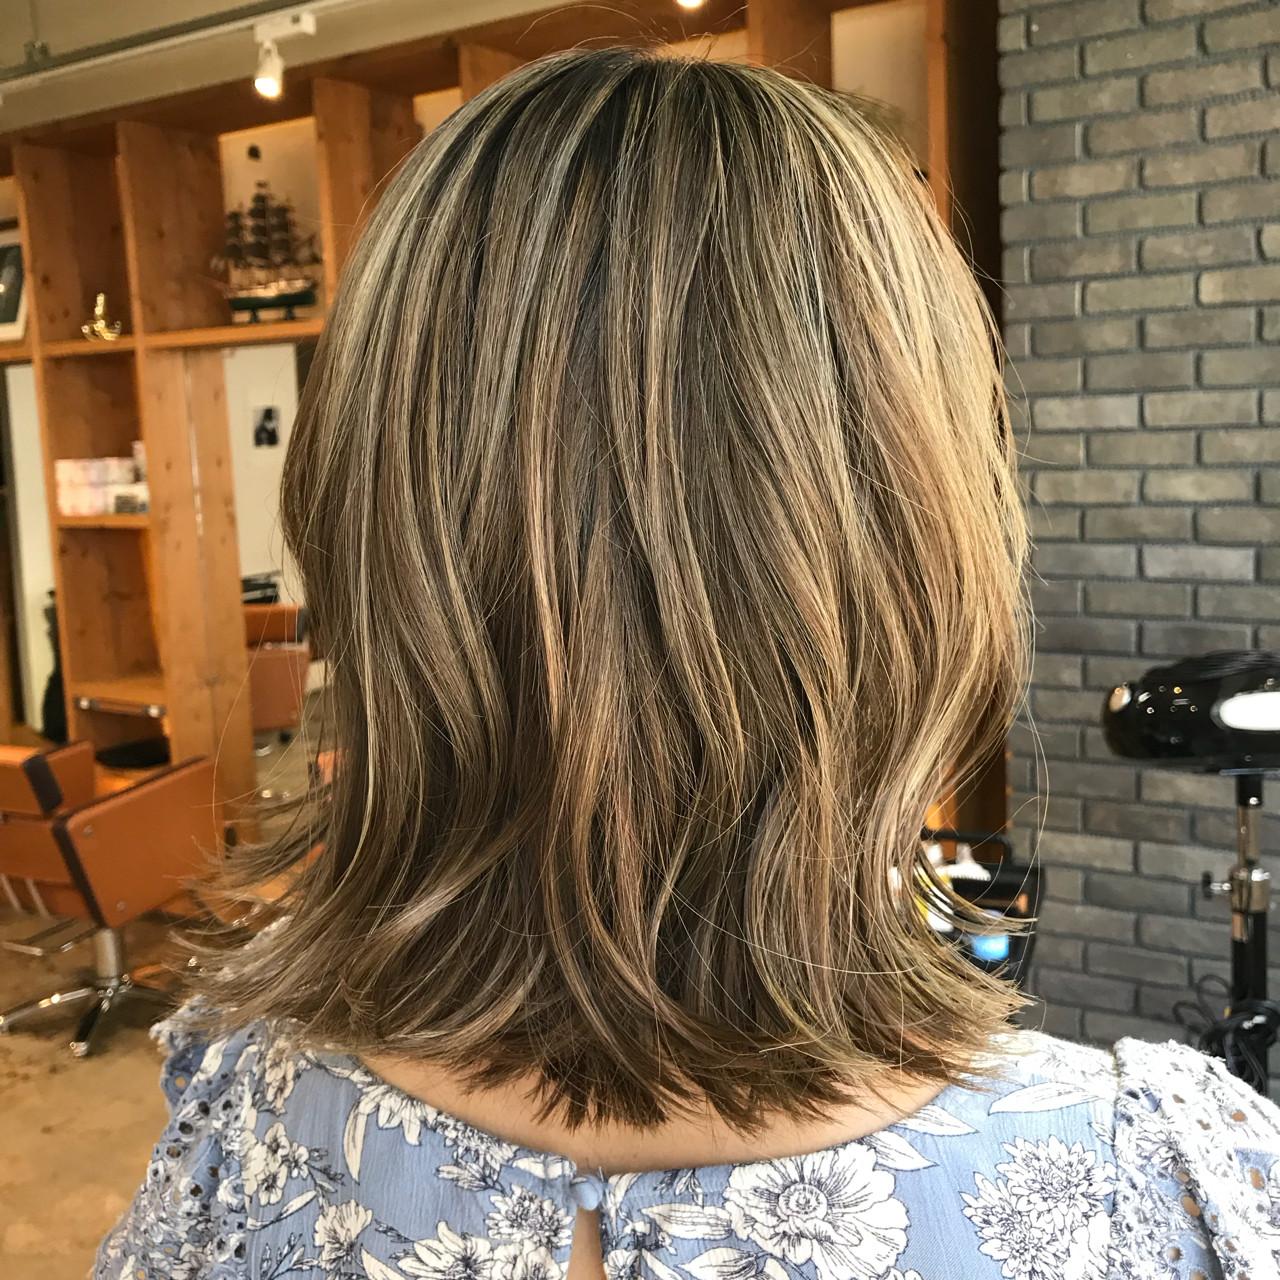 ミディアム 3Dカラー 夏 ストリート ヘアスタイルや髪型の写真・画像